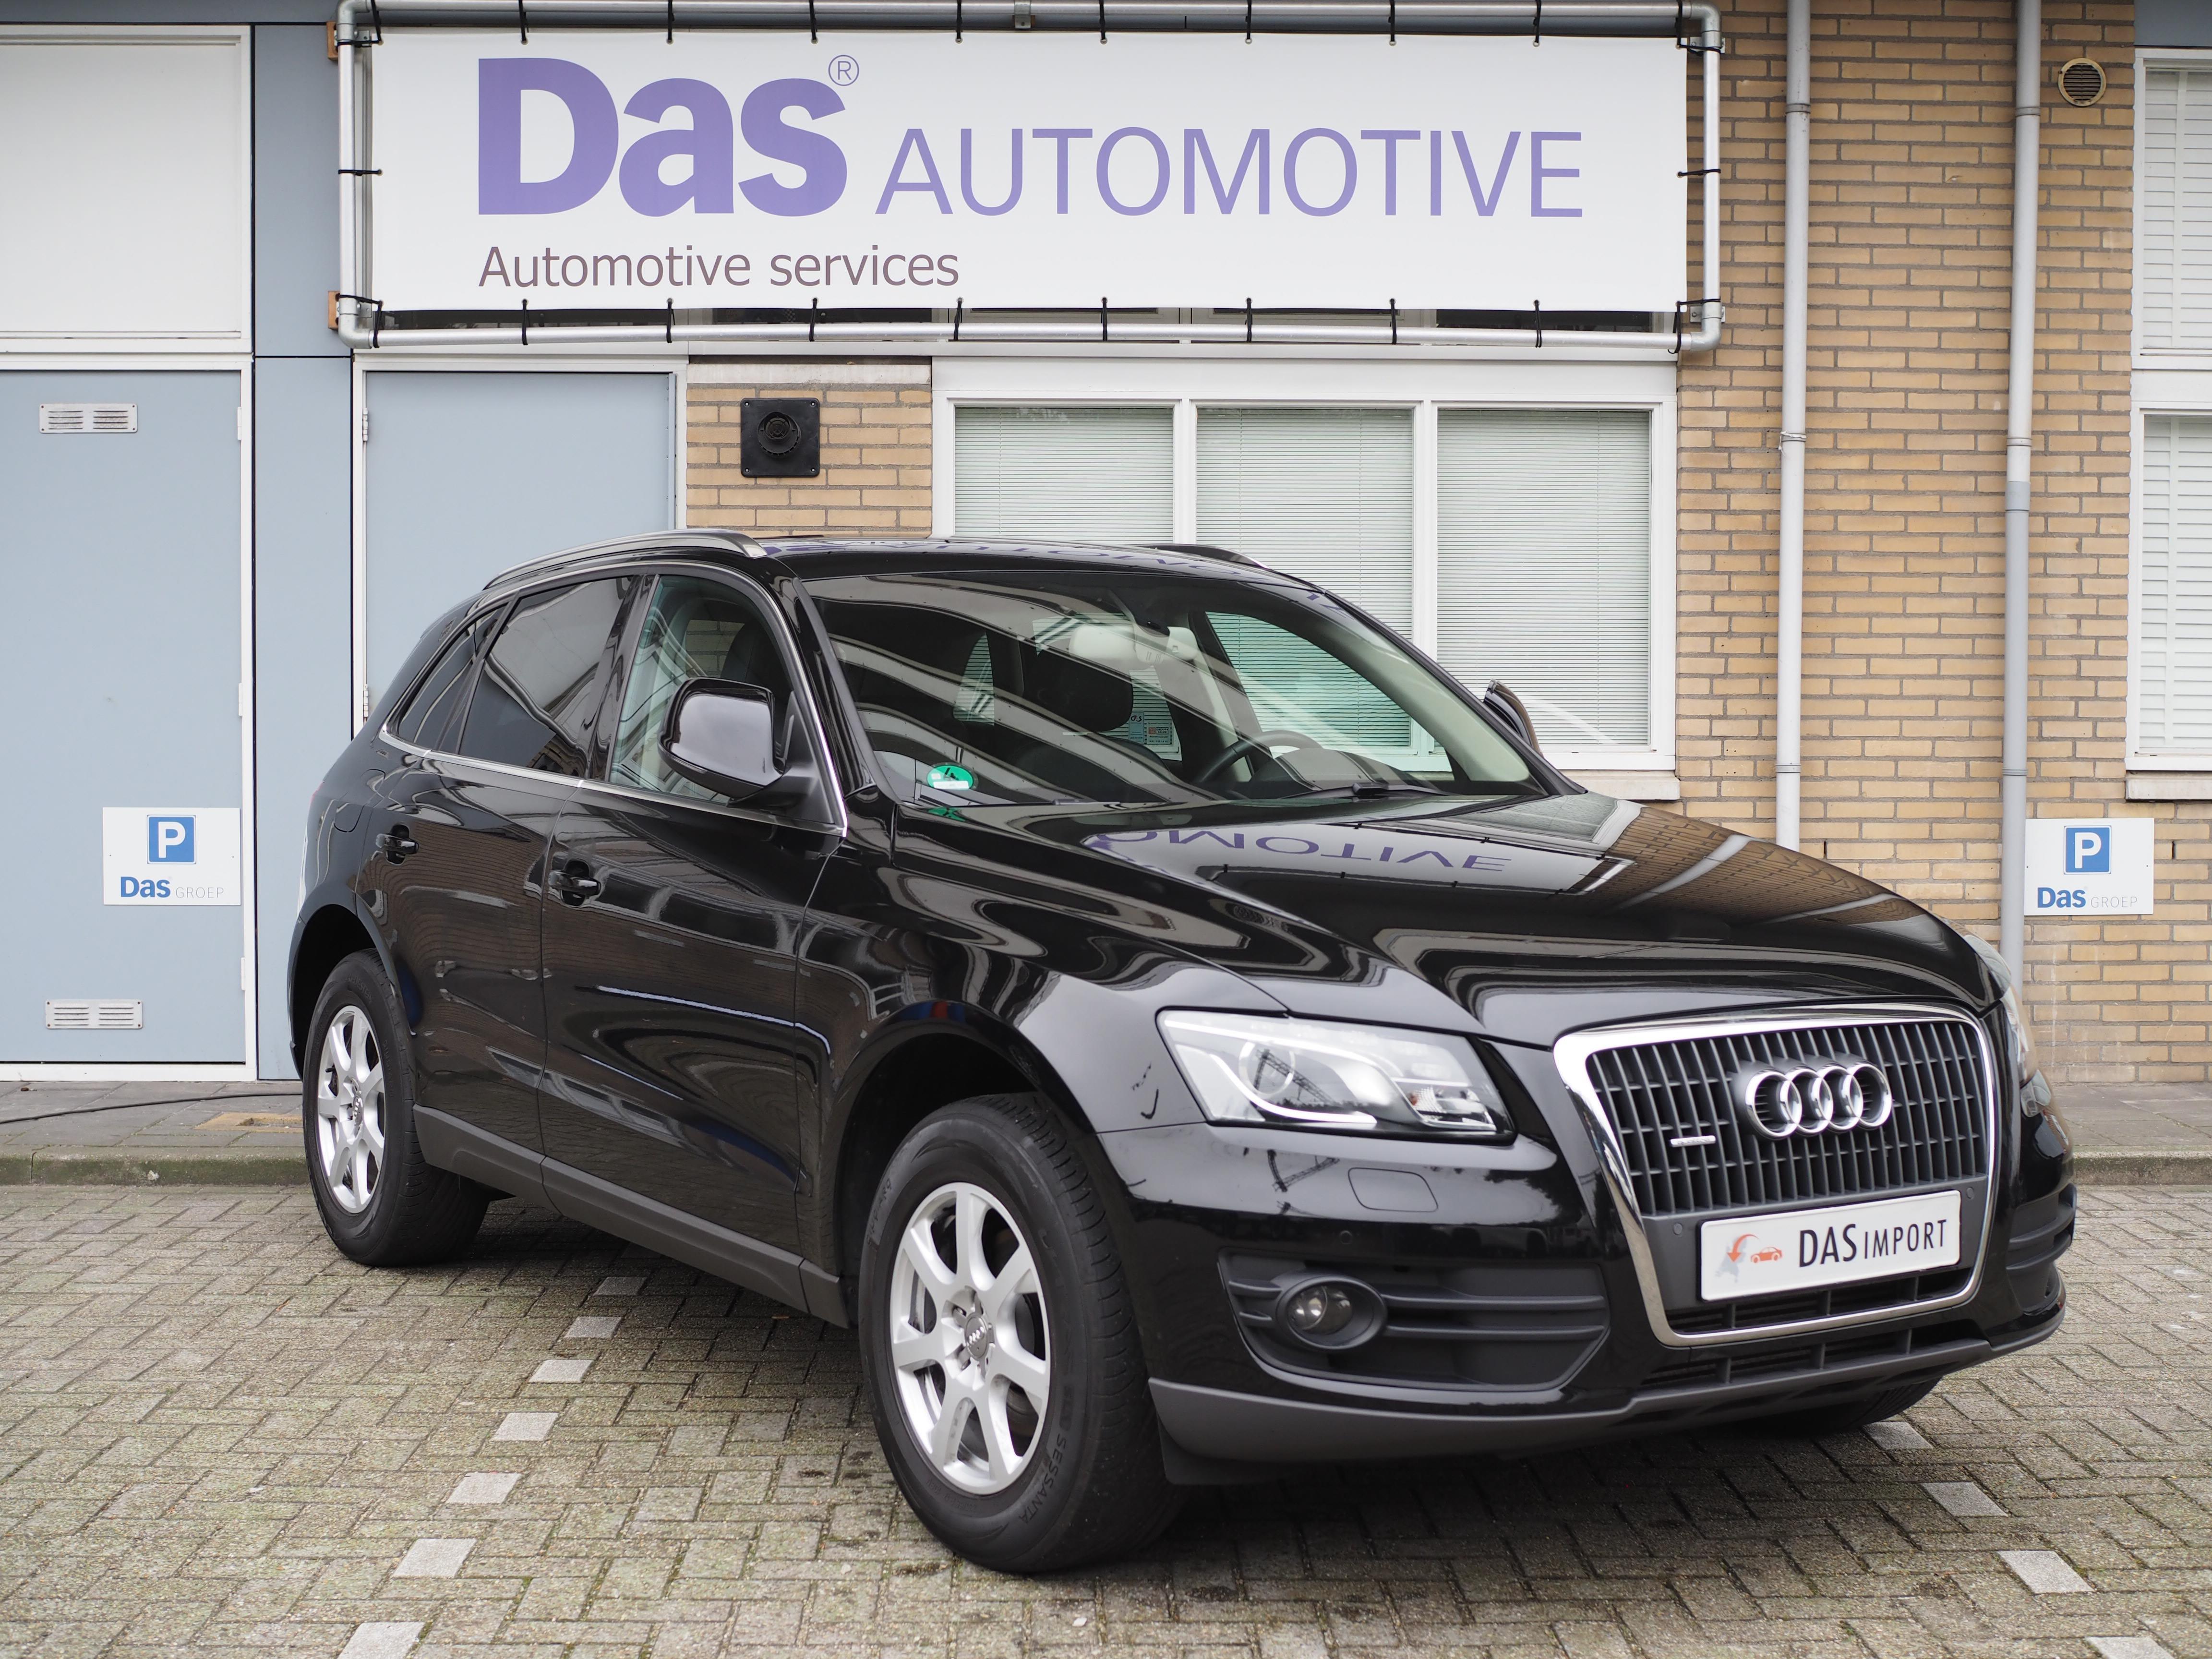 Importauto: Audi Q5 Diesel 2.0 TDI quattro  7/2011